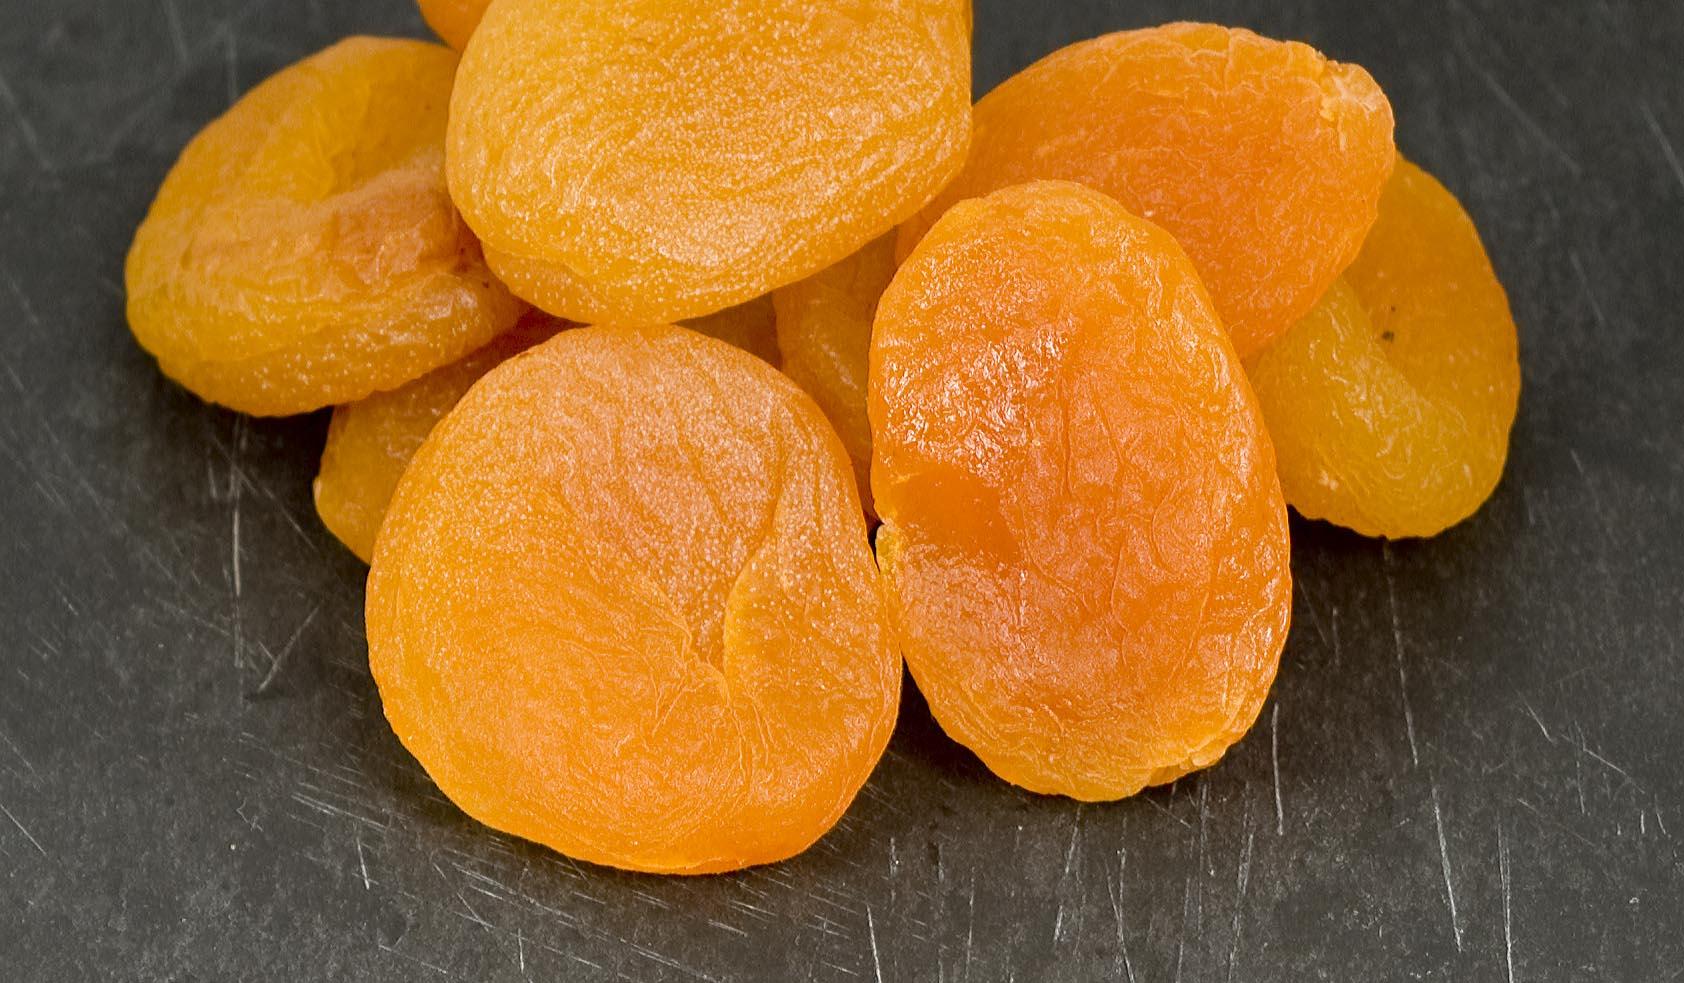 L'arôme d'abricot est très recherché dans le vin, on le retrouve dans certains vins blancs et les grands liquoreux de Bordeaux à base de Sémillon. Tastavin votre guide du vin en ligne.